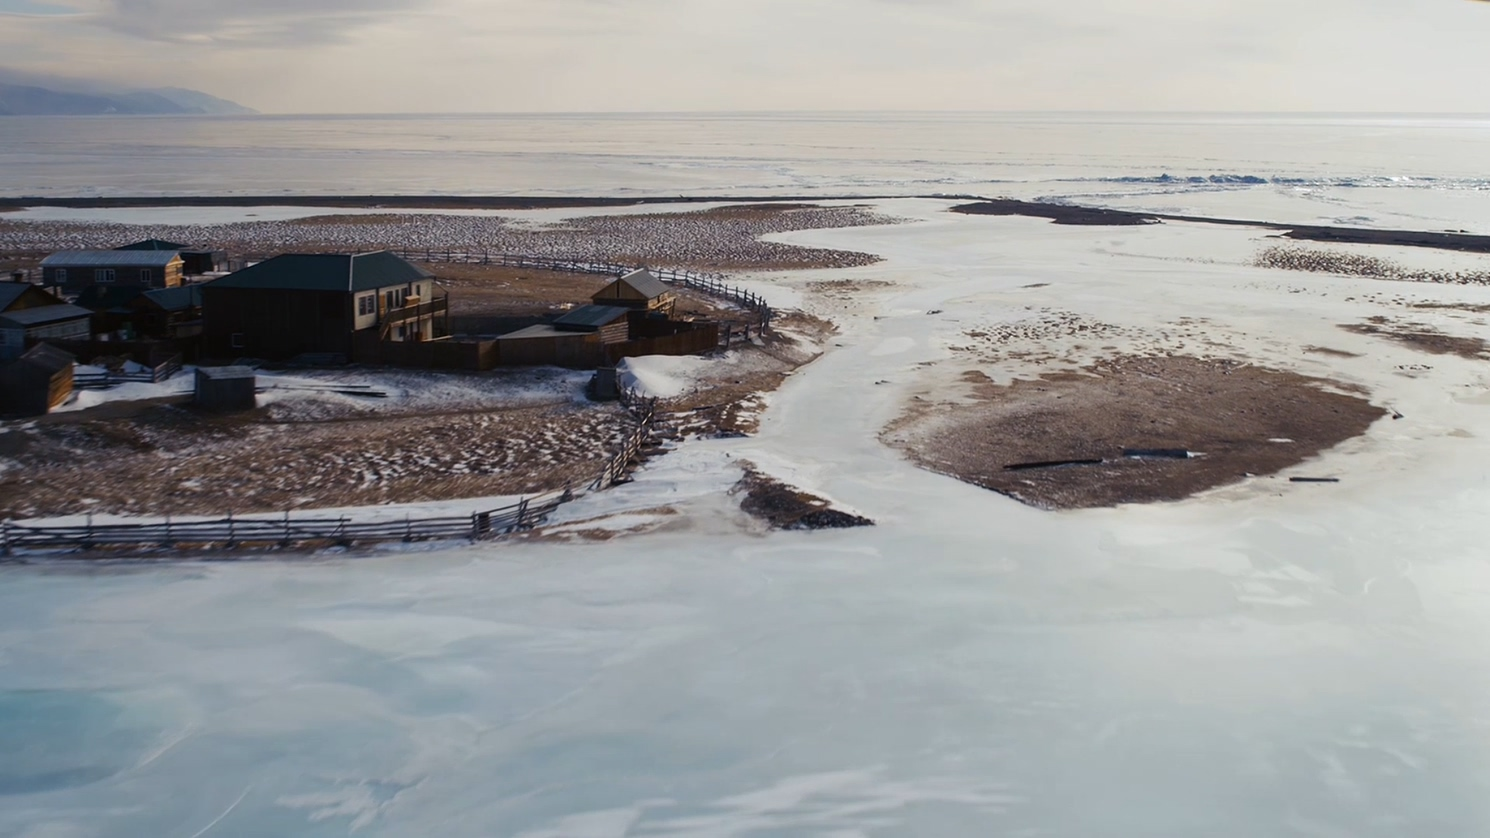 贝加尔湖1 纪录片 冰天雪地 湖面冻结  自然风光 内陆湖 动物  人文